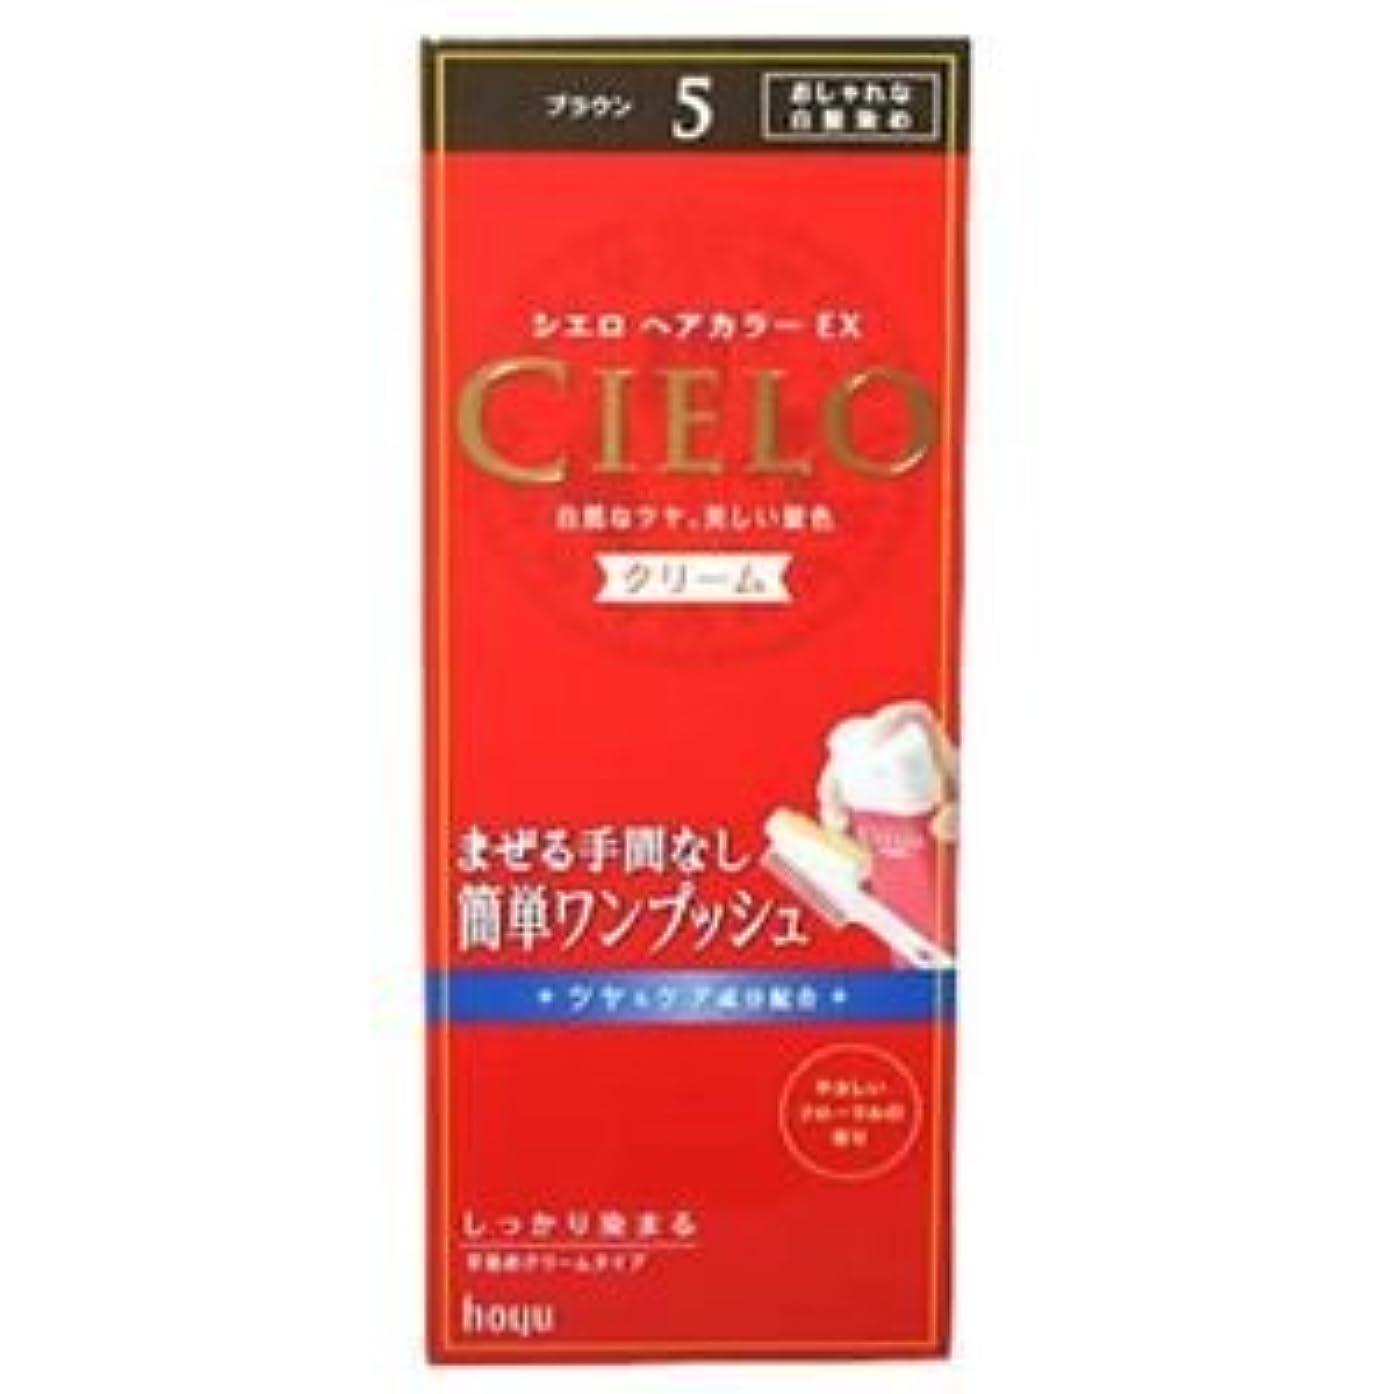 セグメントクールカートシエロ ヘアカラーEX クリーム5 (ブラウン) 7セット